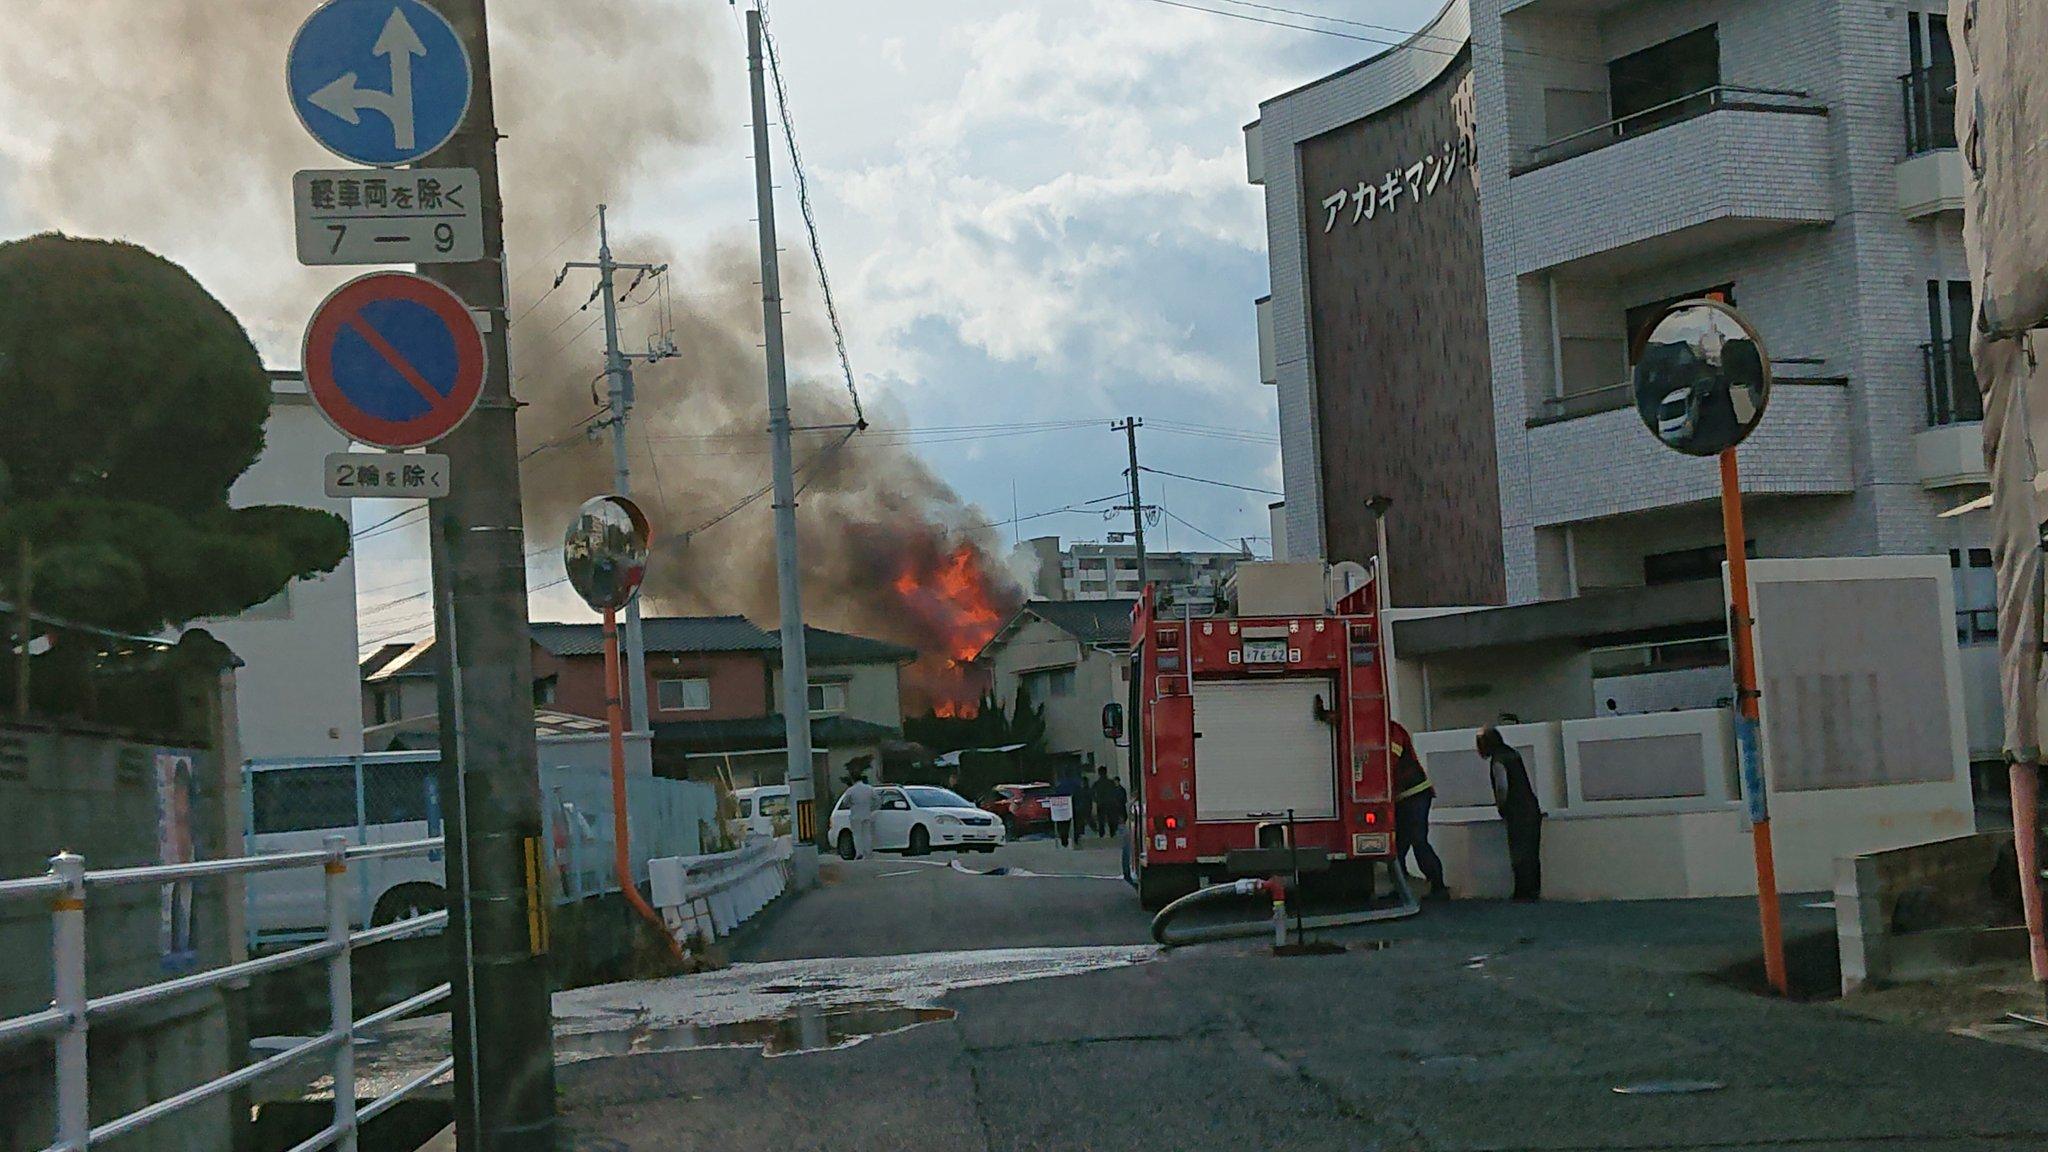 岡山市南区新福で火事が起きている現場の画像